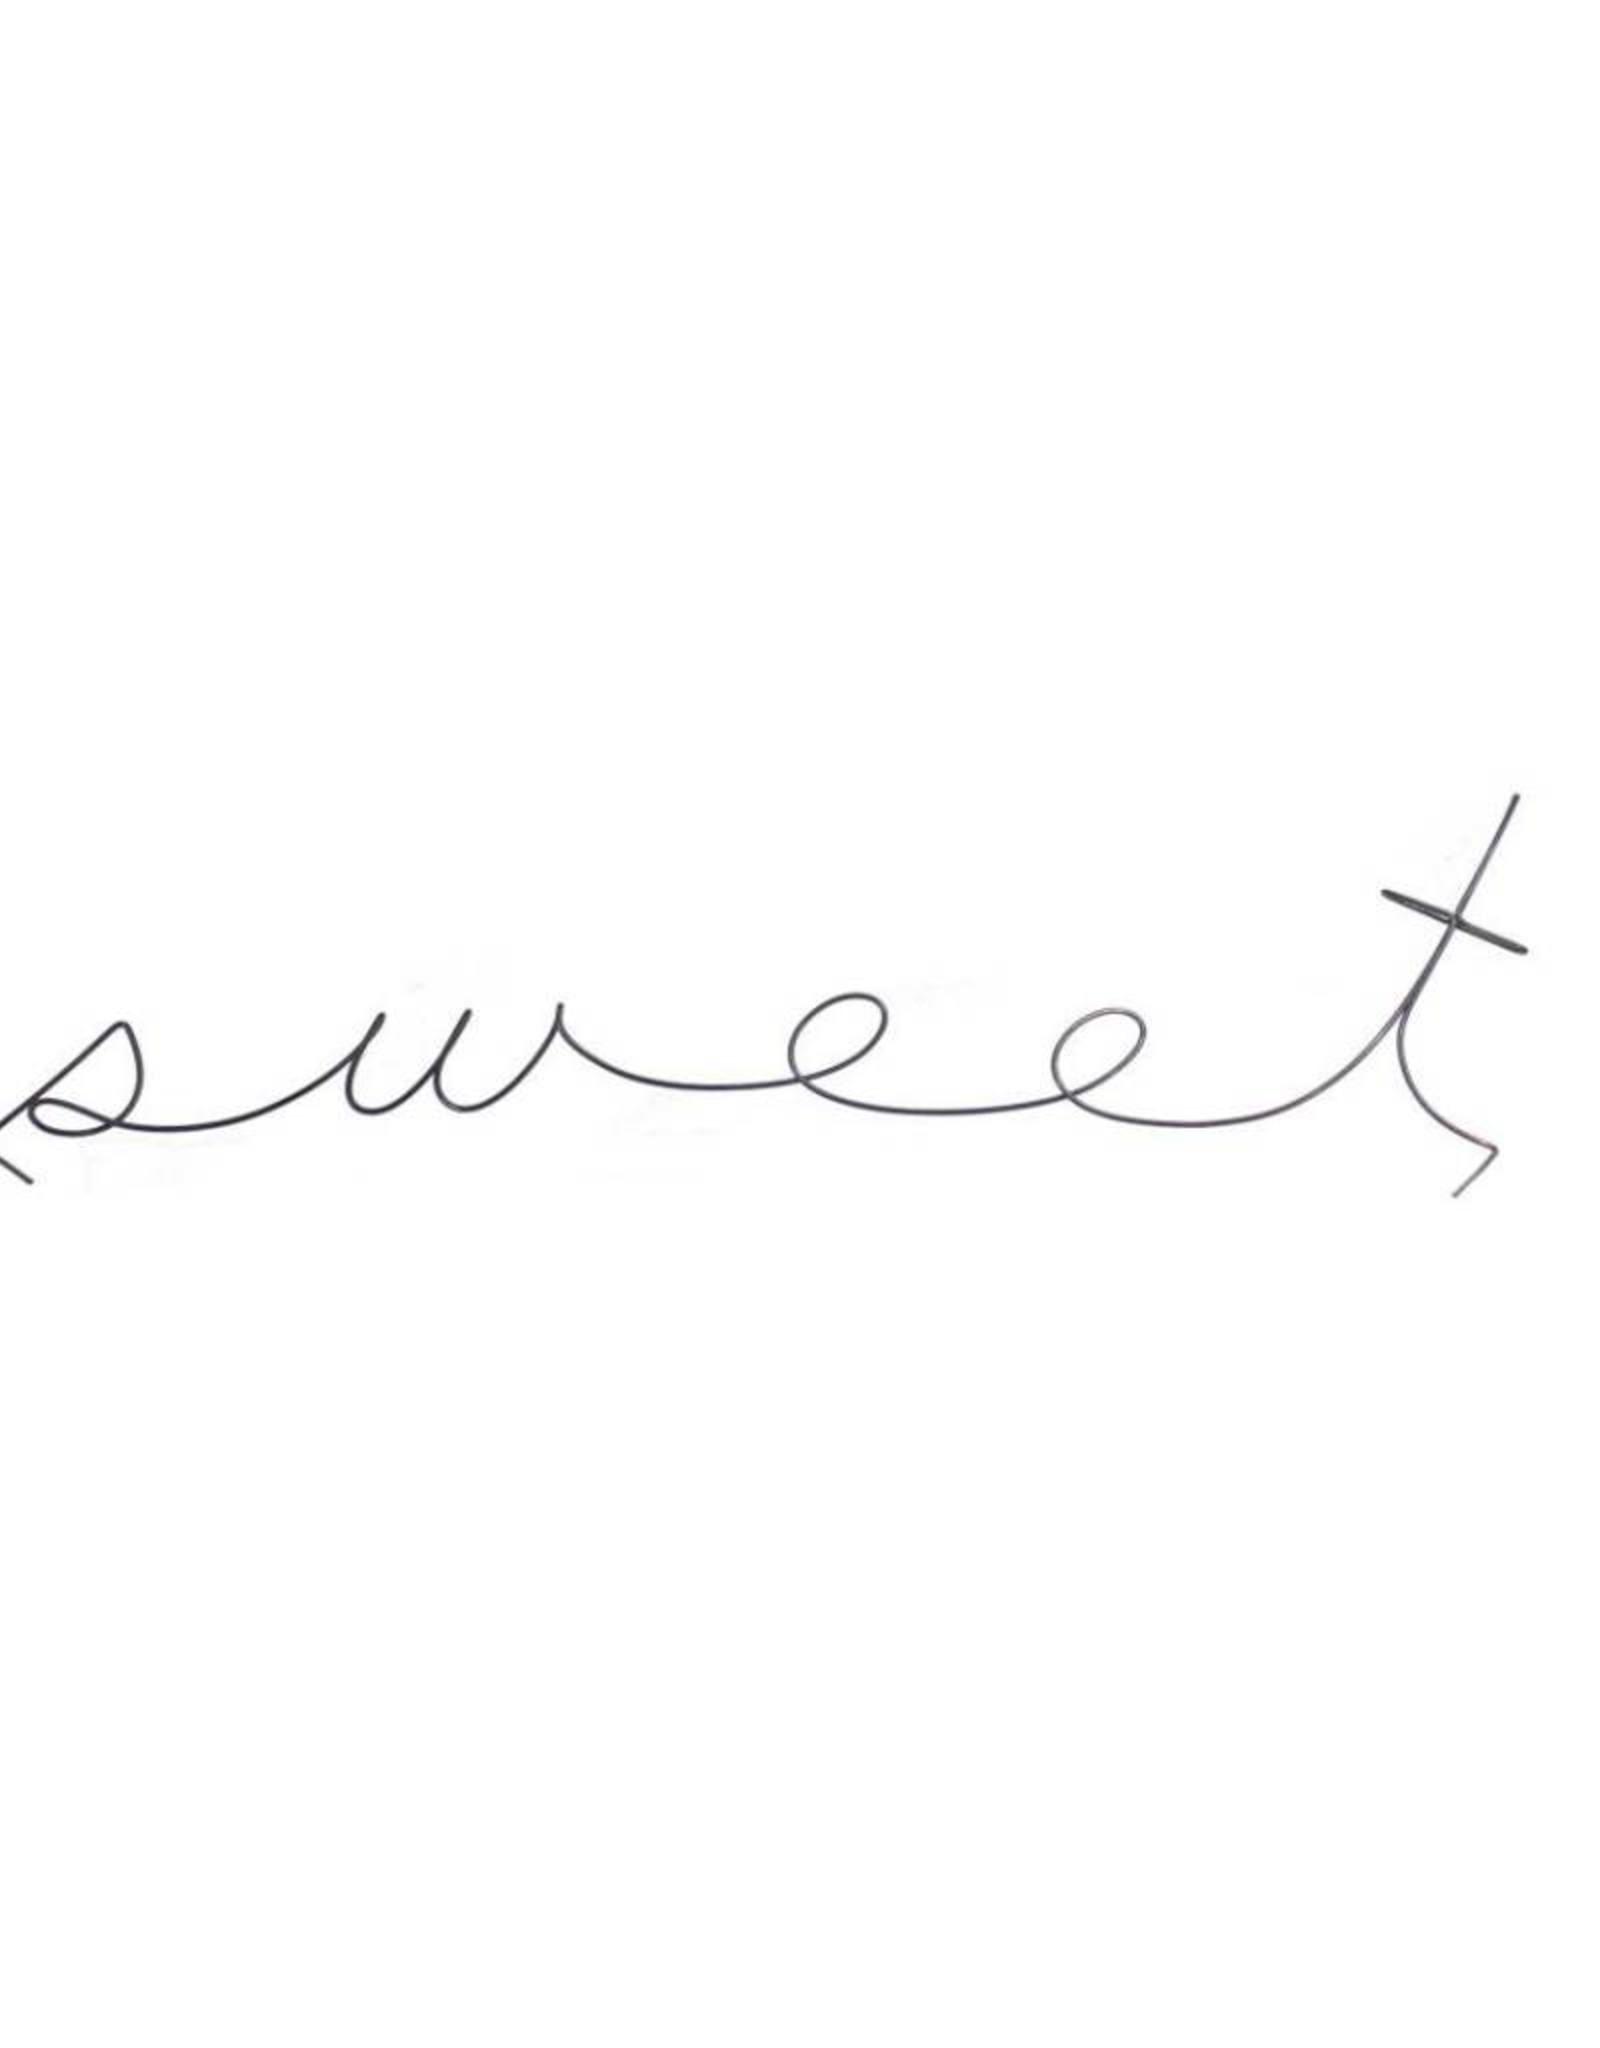 Gauge NYC 'sweet' wire word poetic